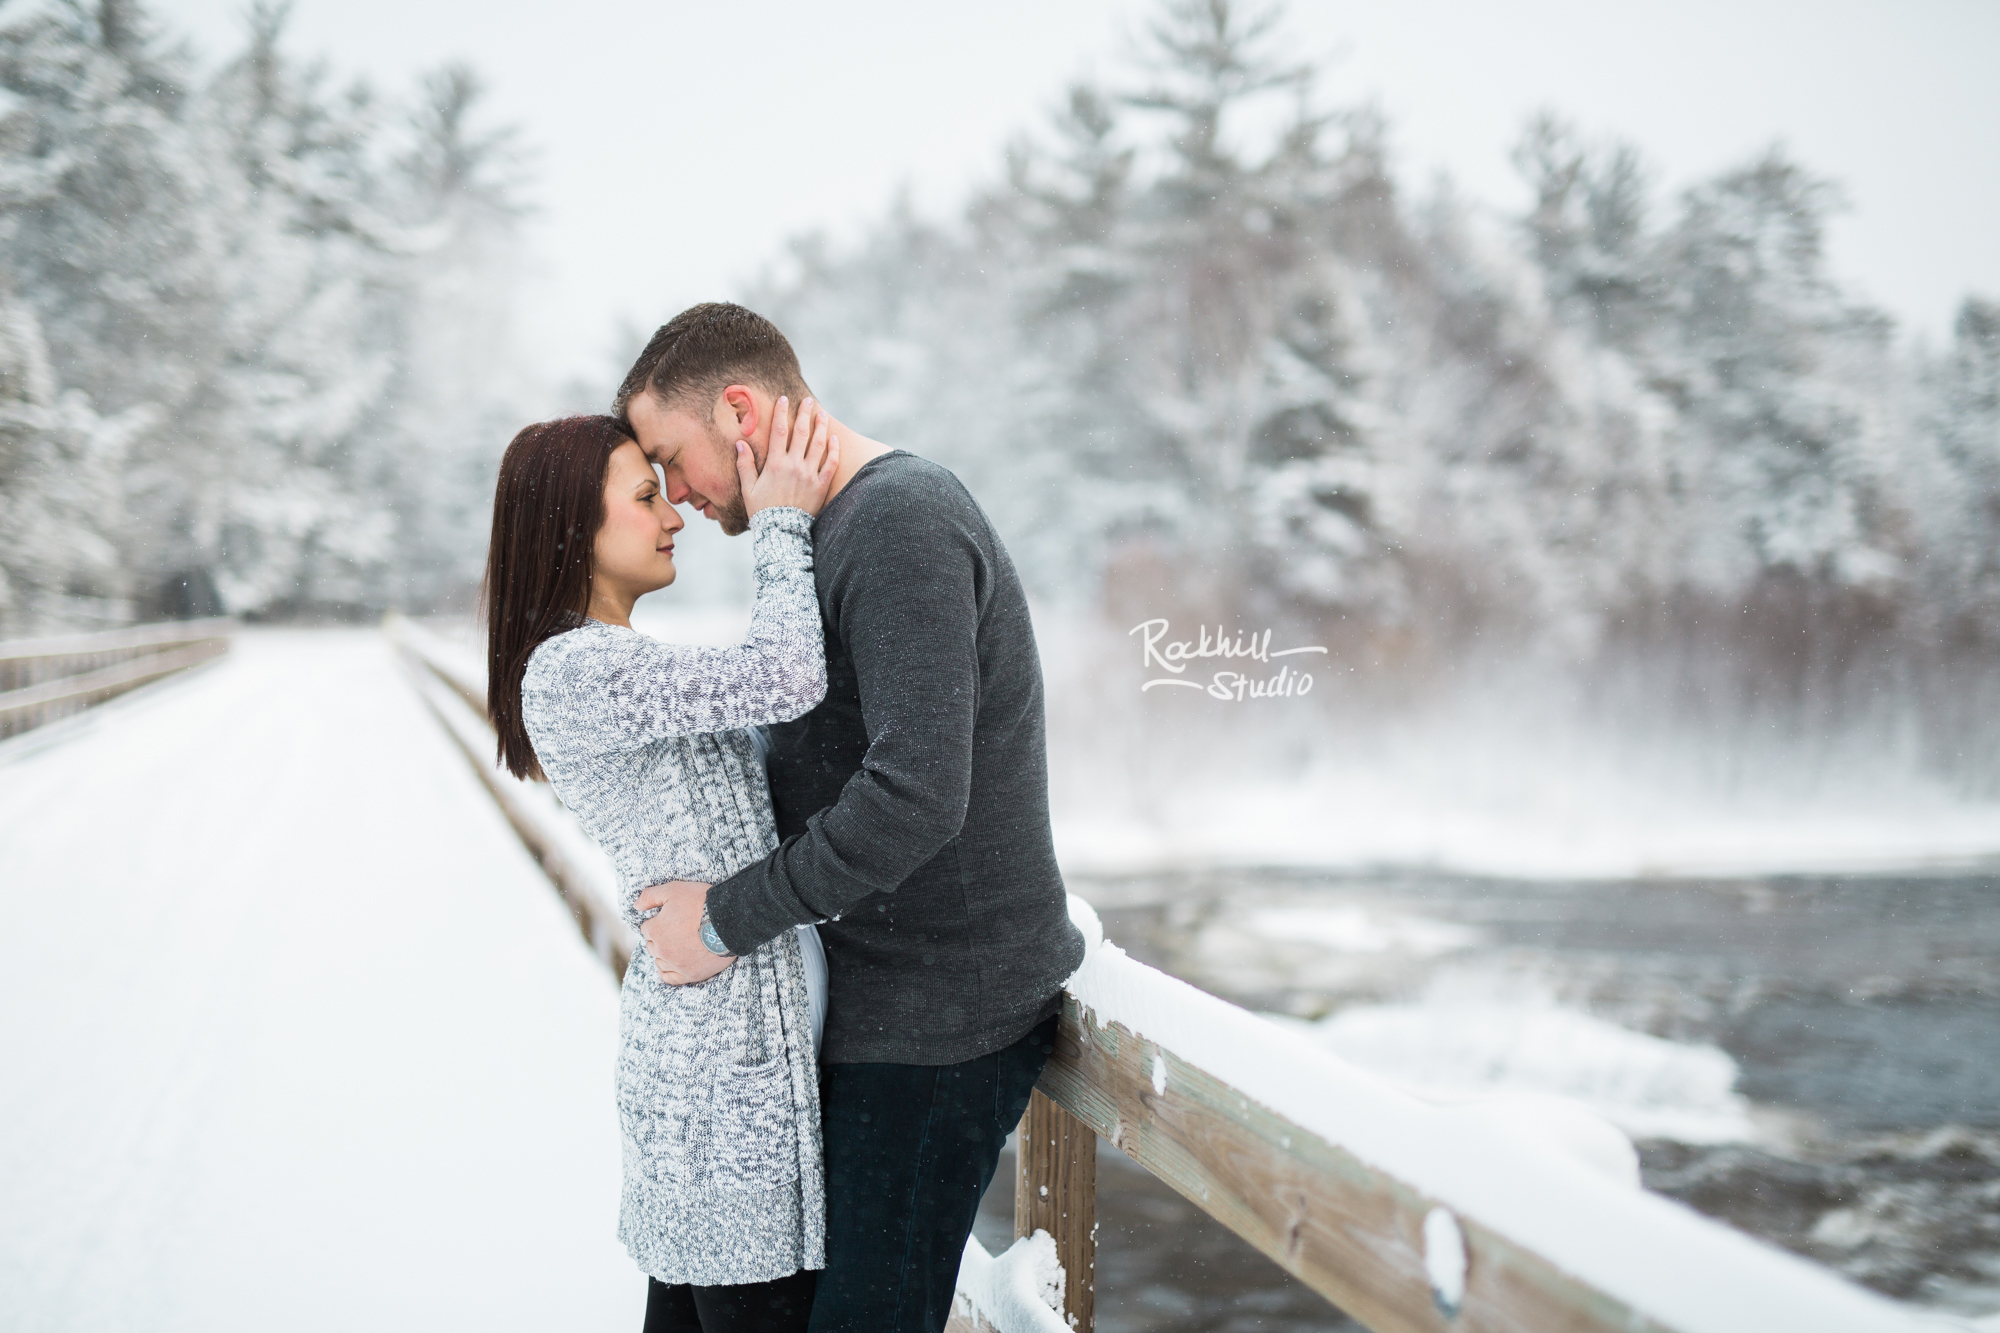 northern-michigan-engagement-photogrpher-wedding-manistique-winter-bridge-9.jpg